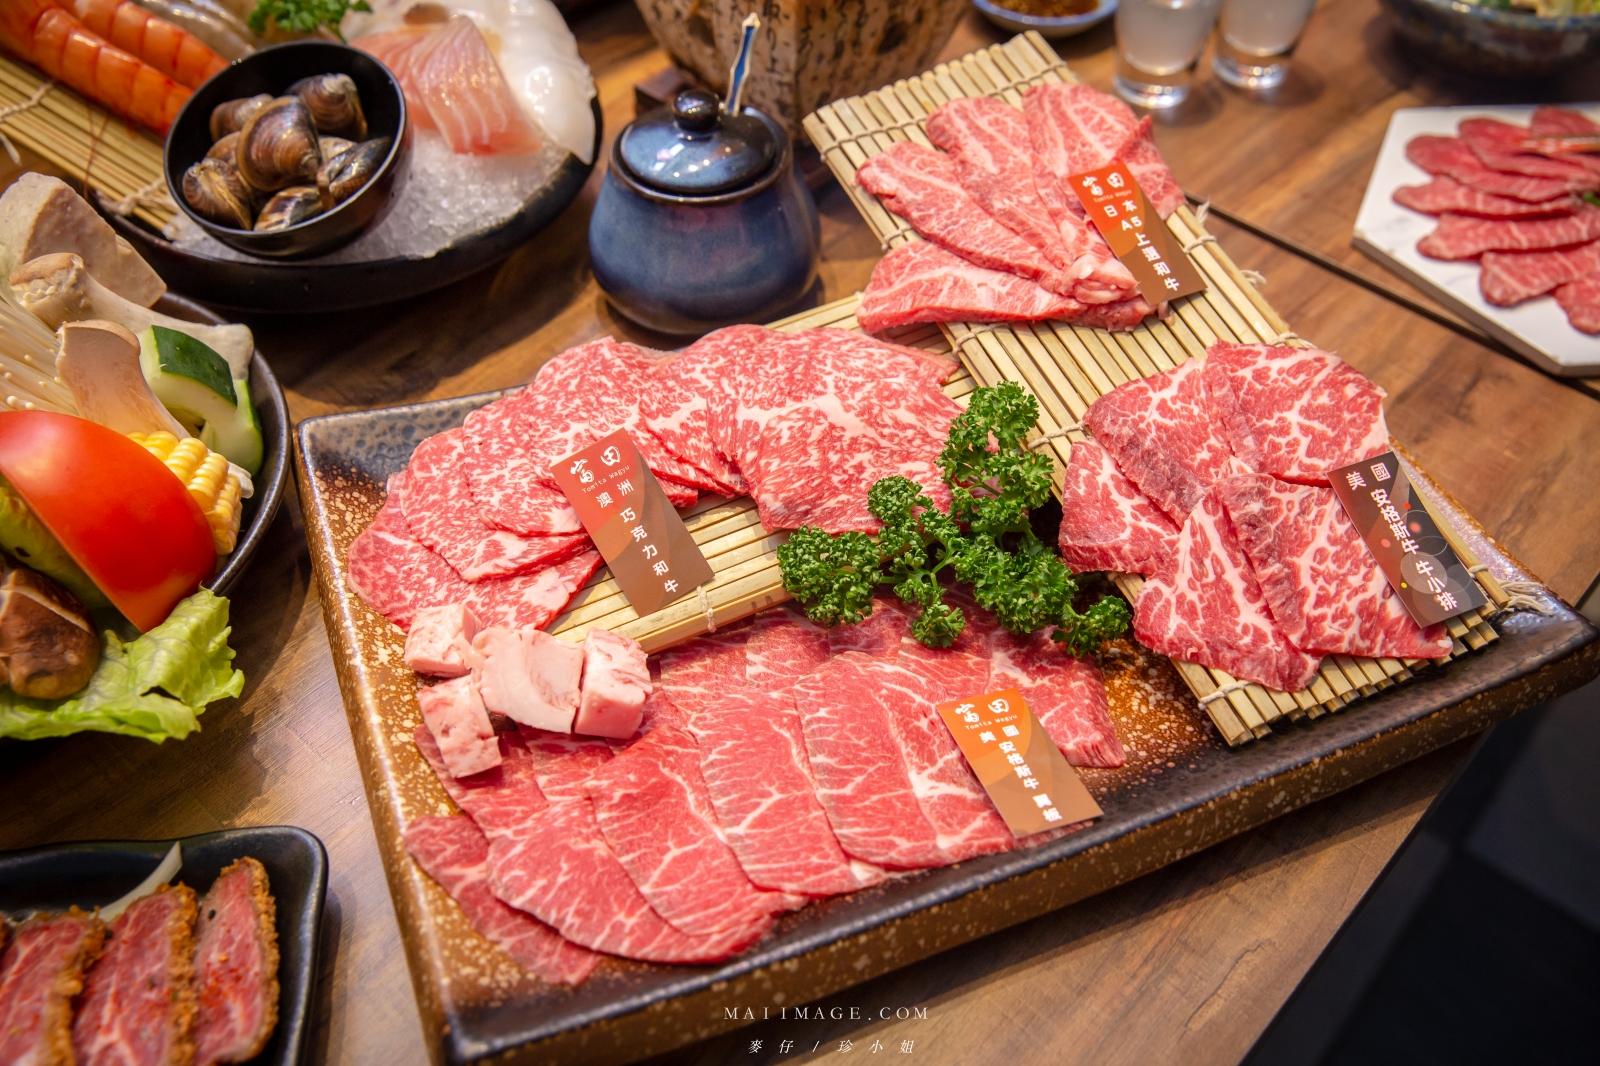 台中富田和牛燒肉,點啊~哪次不點,每來必點的浮誇大份量『和牛四盛合肉盤』,不傷荷包爽爽吃,台中北屯燒肉、台中燒烤、台中頂級燒肉推薦